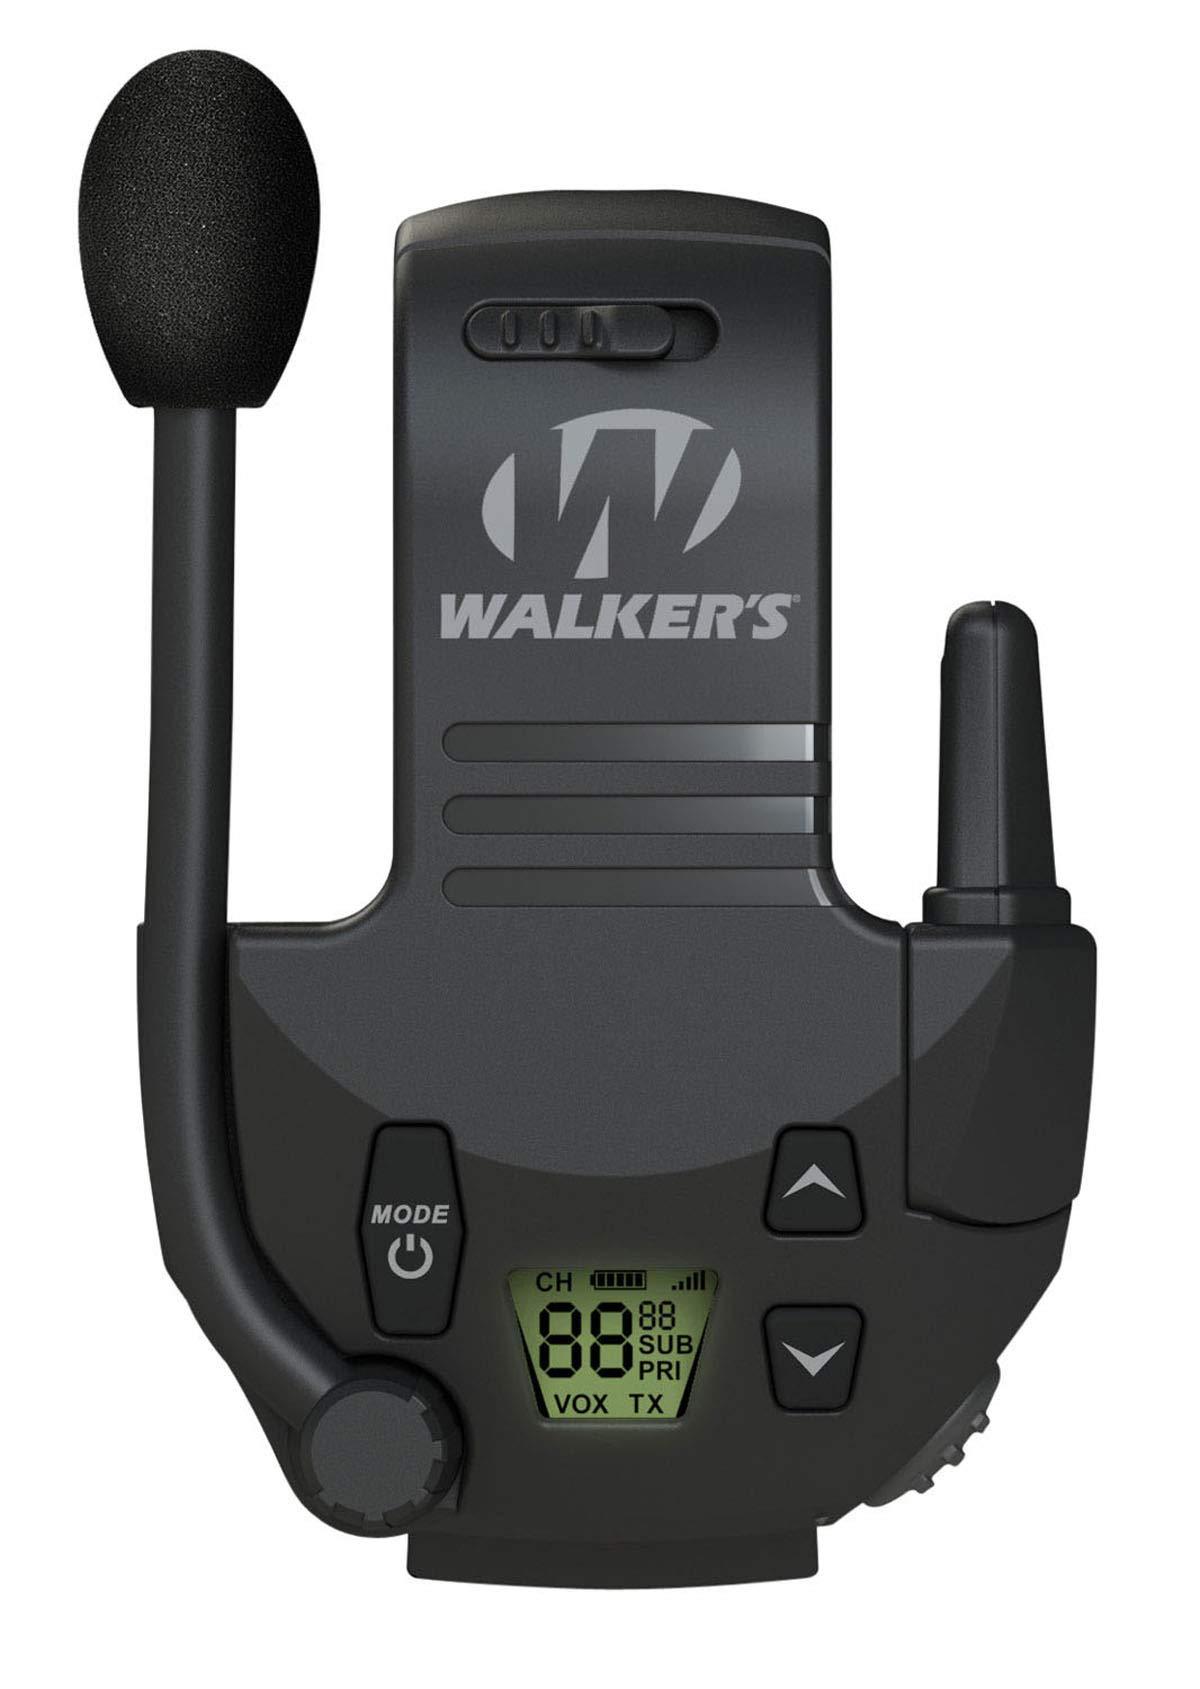 Walkers Walkie Talkie Clip On for Razor Electronic Ear Muffs by Walkers